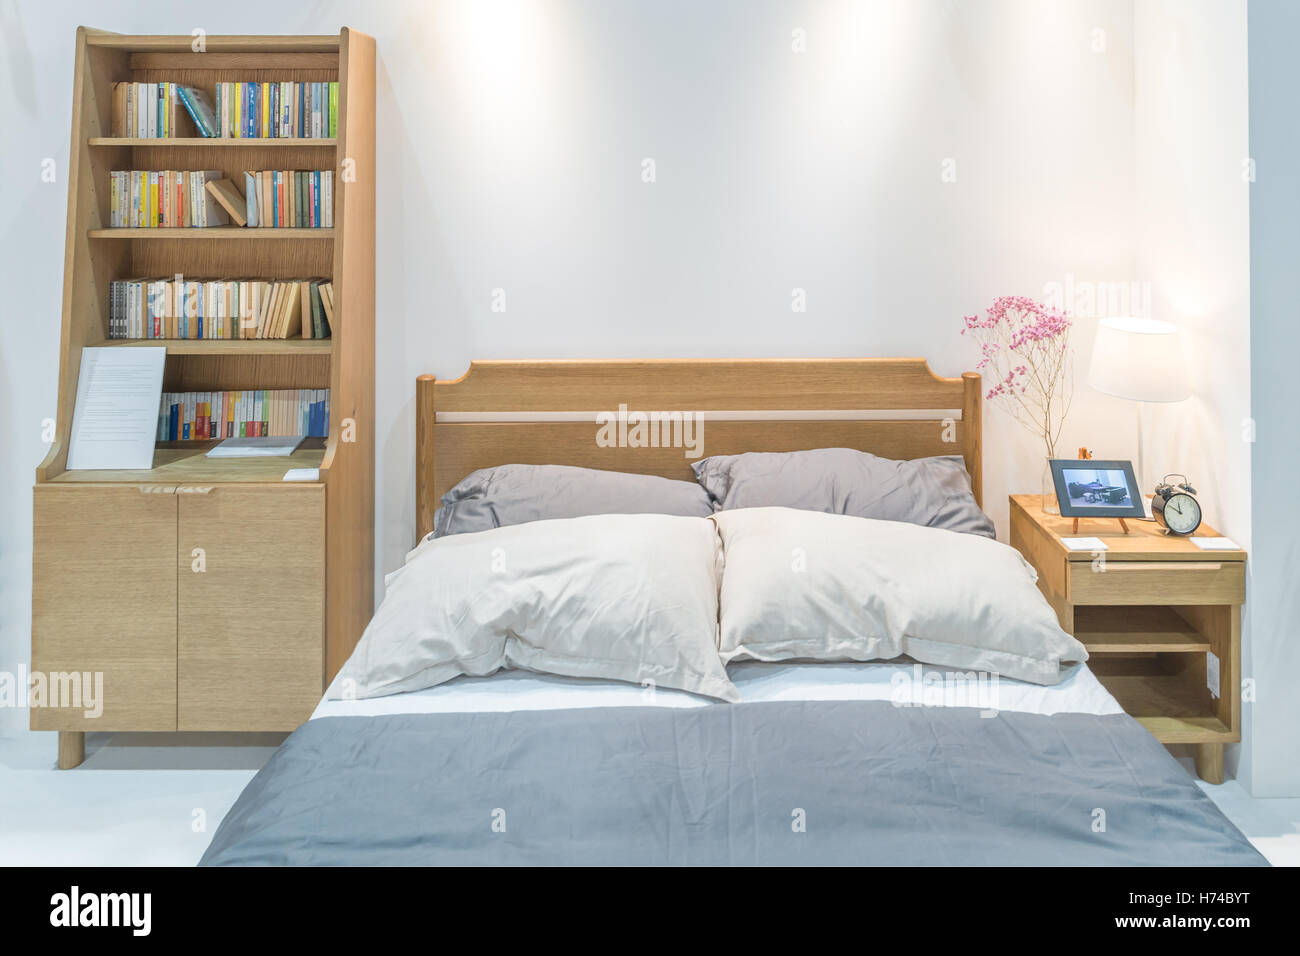 Intérieur Chambre à Coucher Moderne Avec Lit En Bois Et Bibliothèque